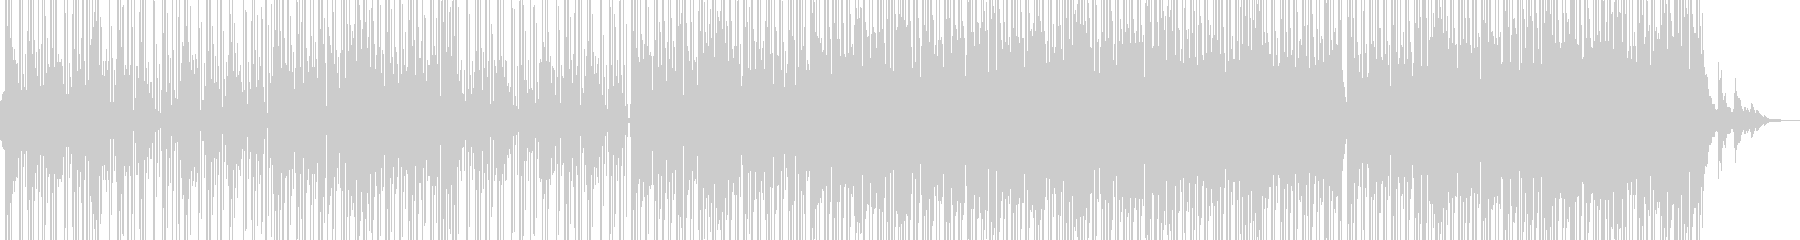 サックスのメロウな雰囲気漂うR&B Cの未再生の波形